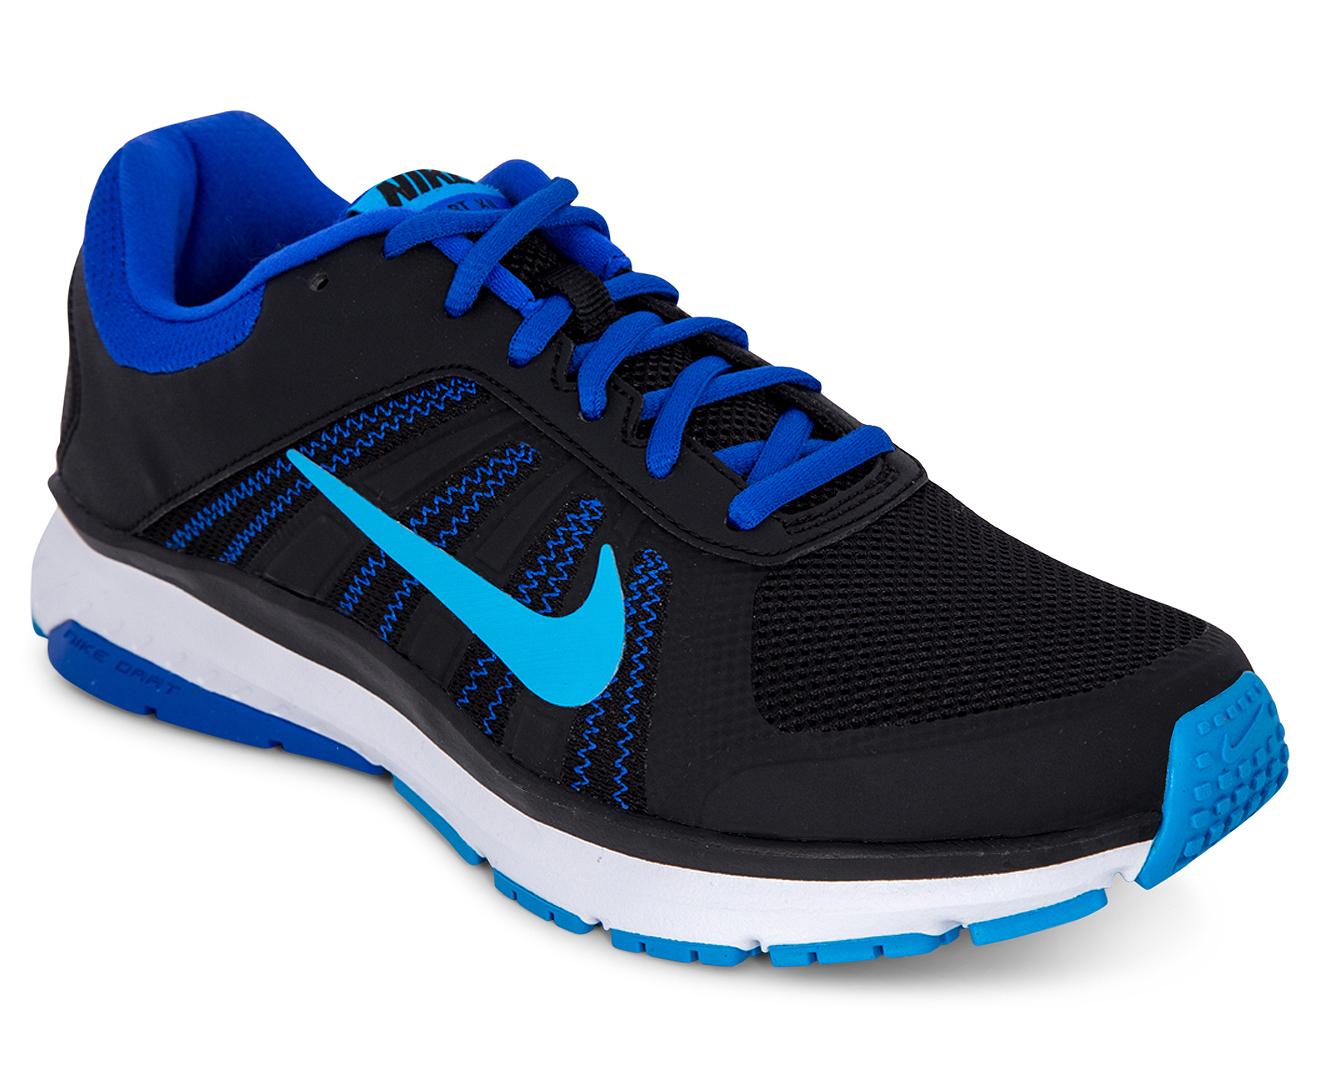 f8268e134c0e Nike Women s Dart 12 MSL Running Shoe - Black Dark Blue Light Blue White